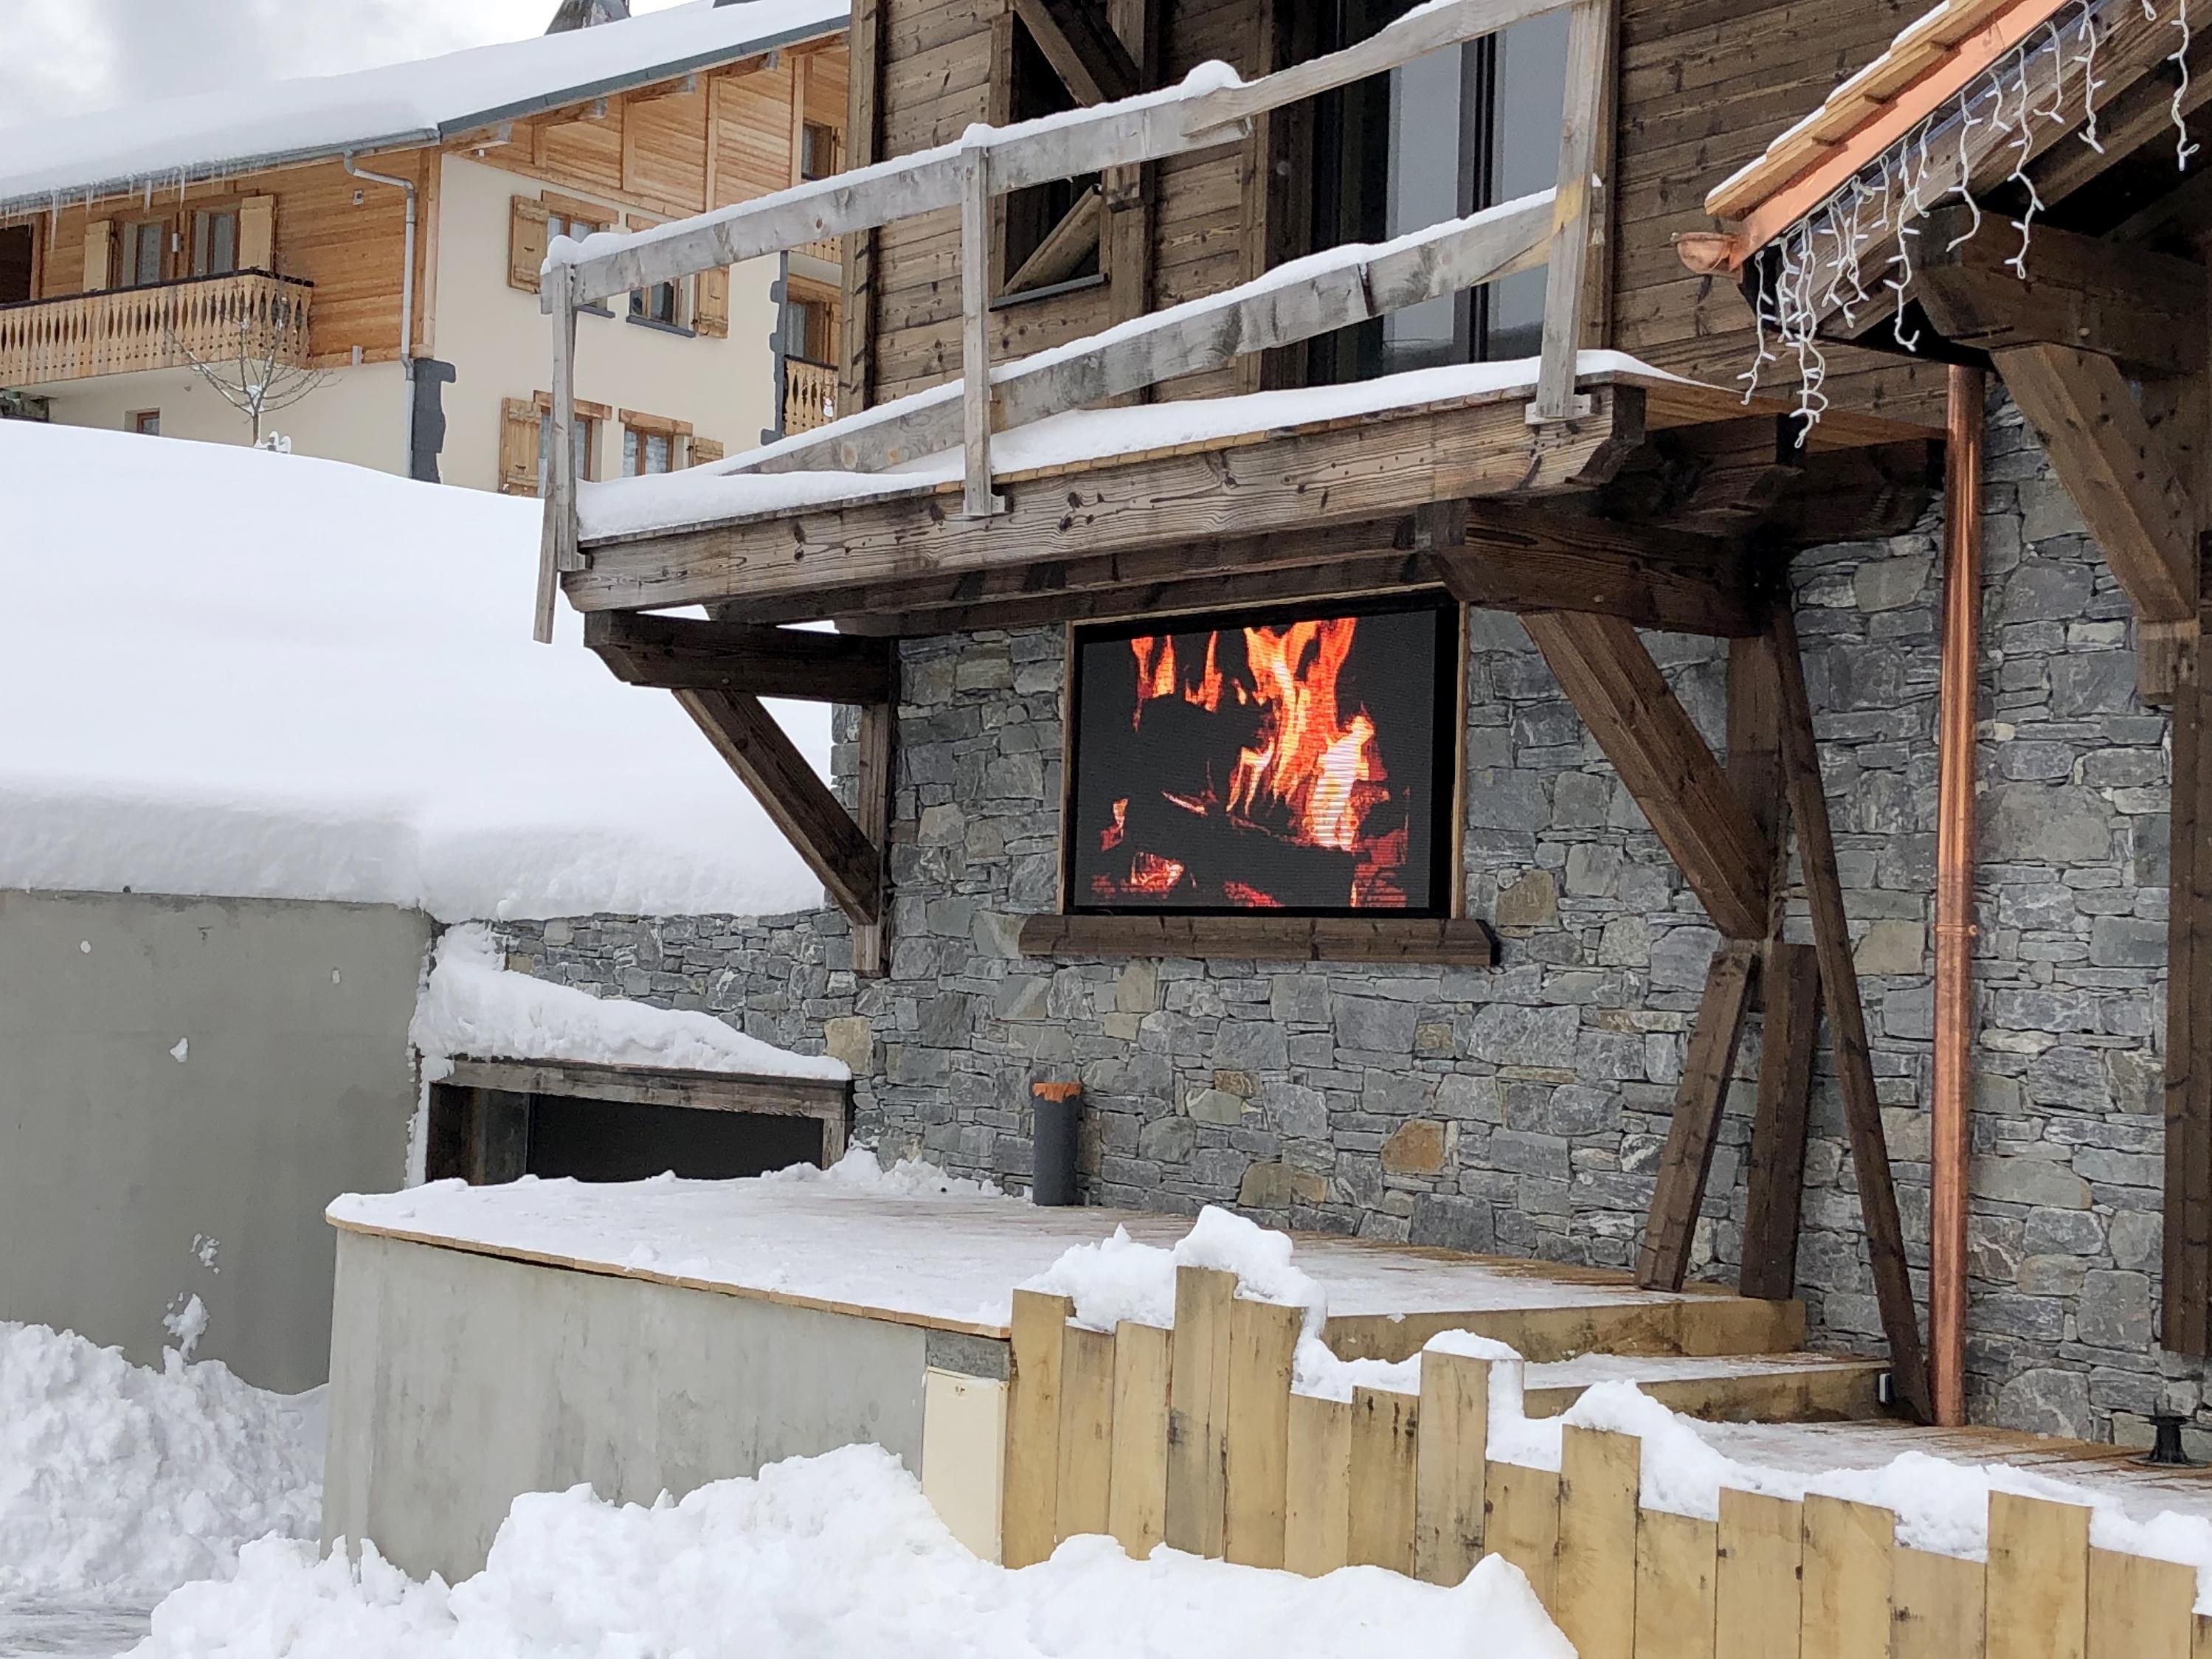 Installation d'un écran Leds  Squaretech Pitch 4.8 dans la station de ski Les Gets (Alpes - Haute Savoie).